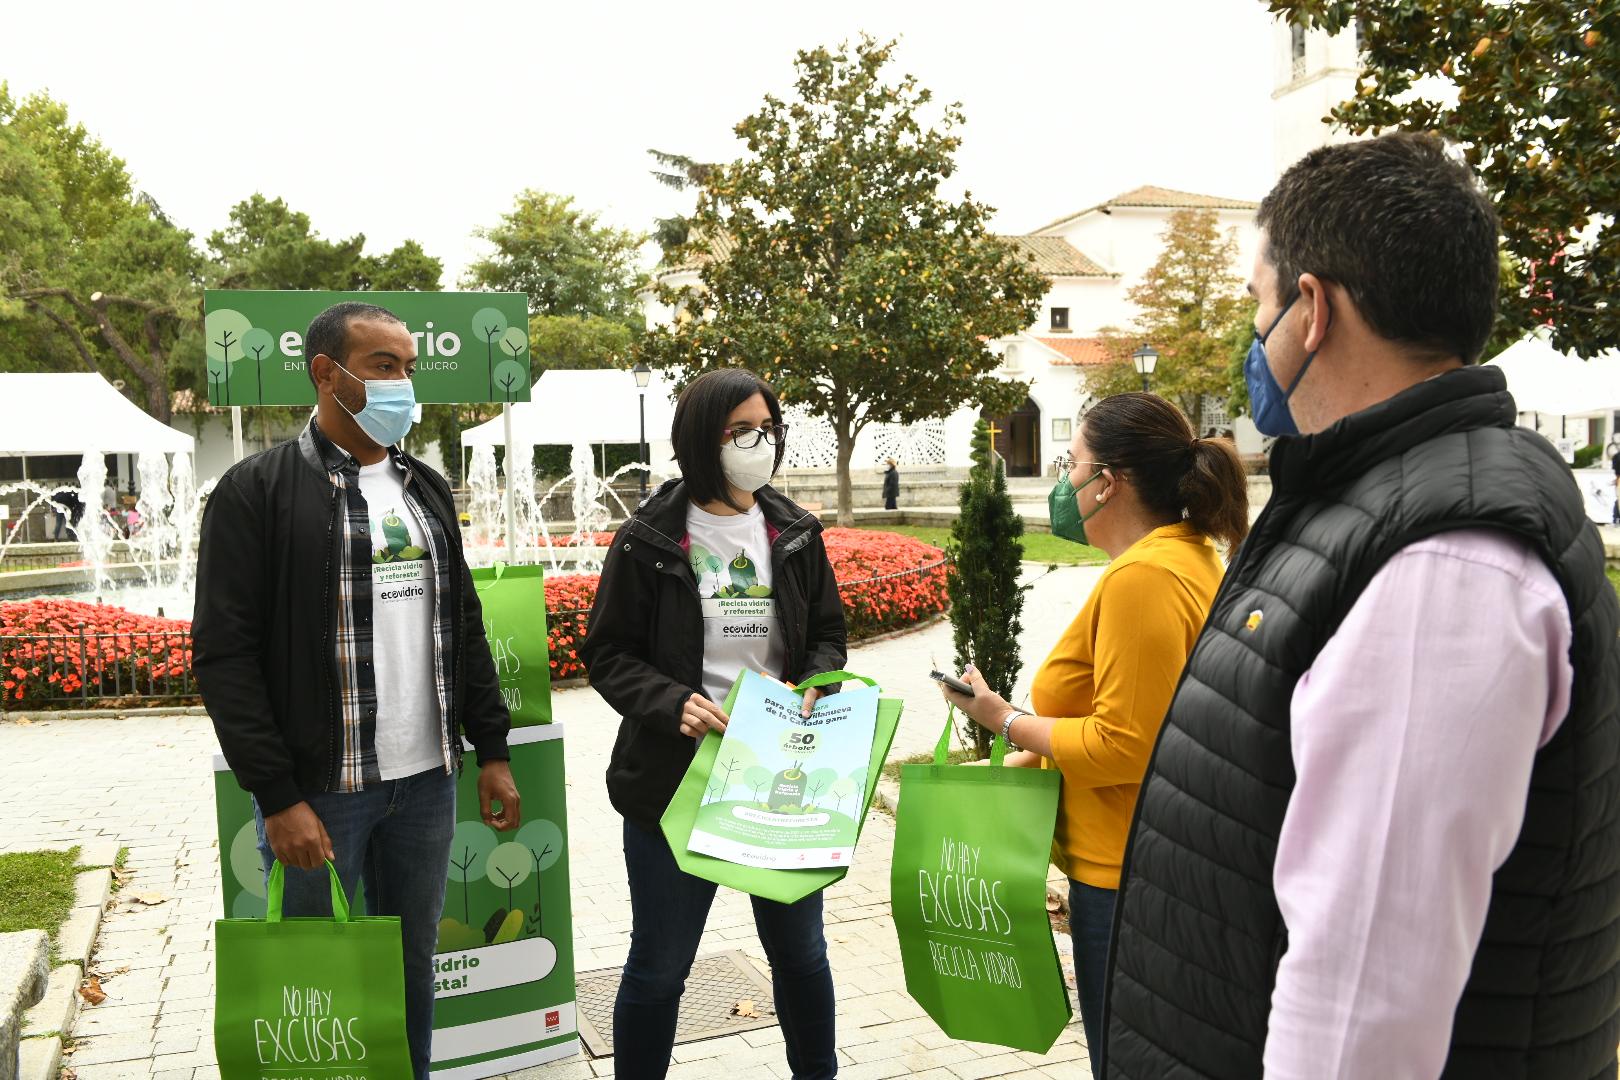 Los educadores de Ecovidrio informando a los vecinos sobre la campaña.